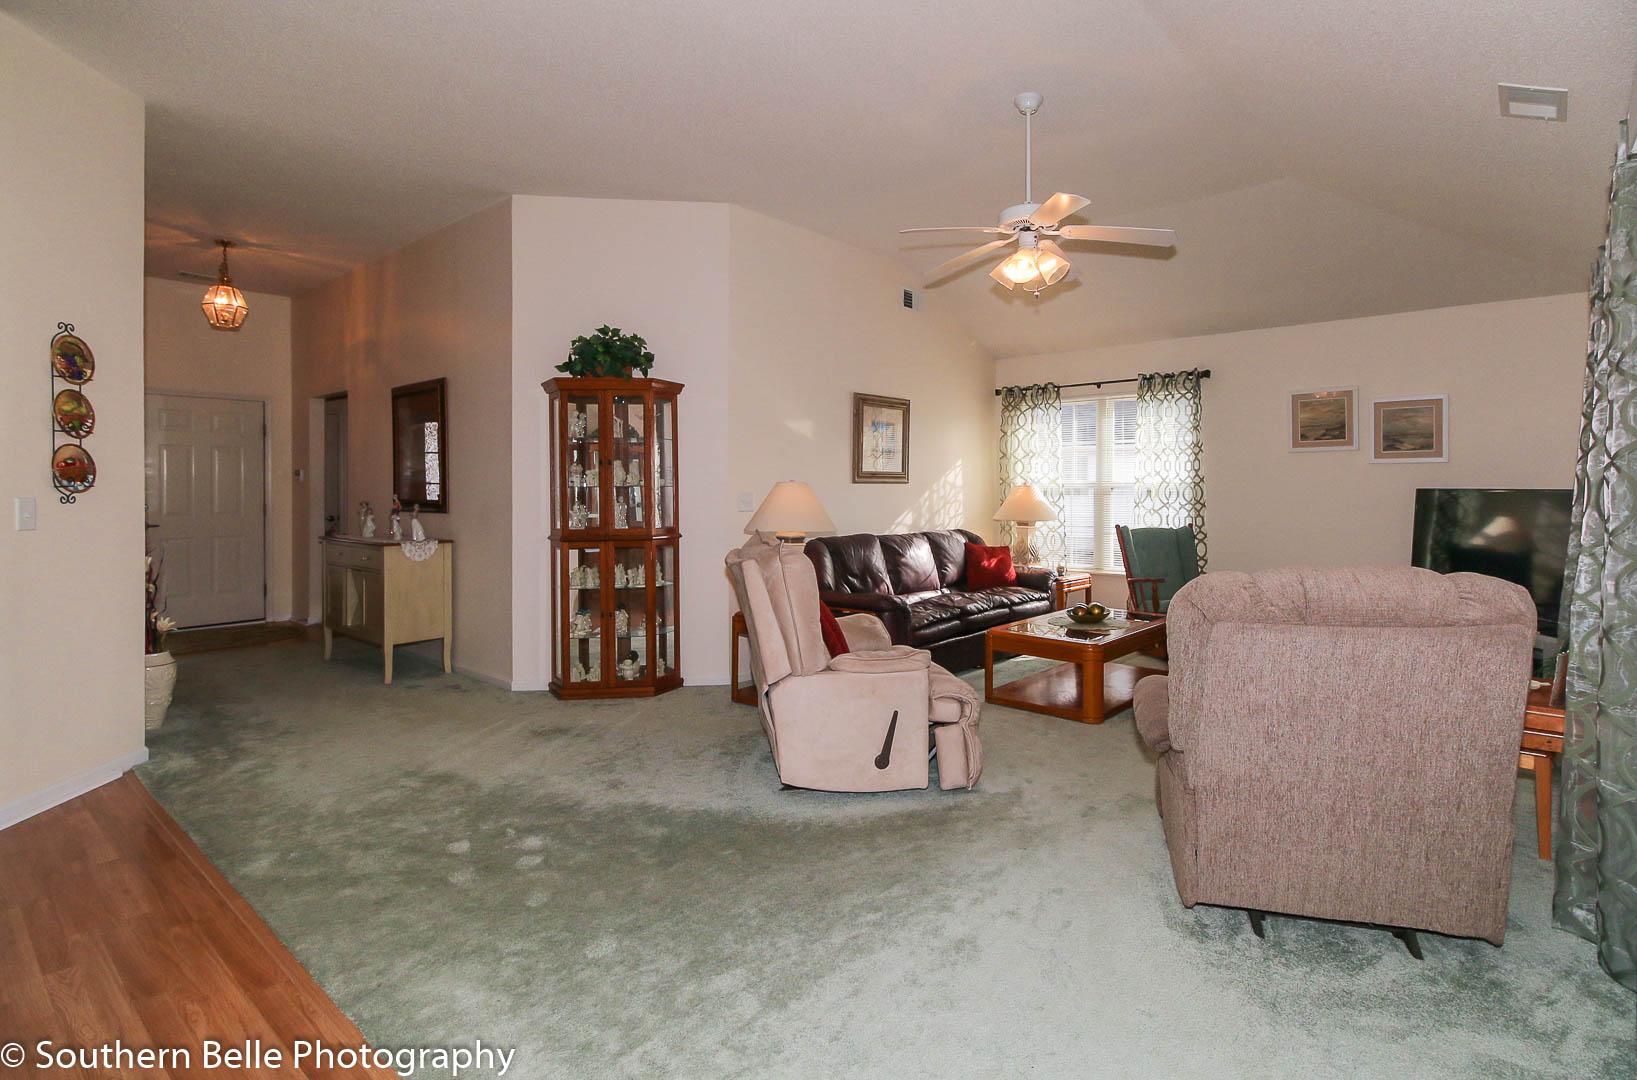 15. Living Room View WM